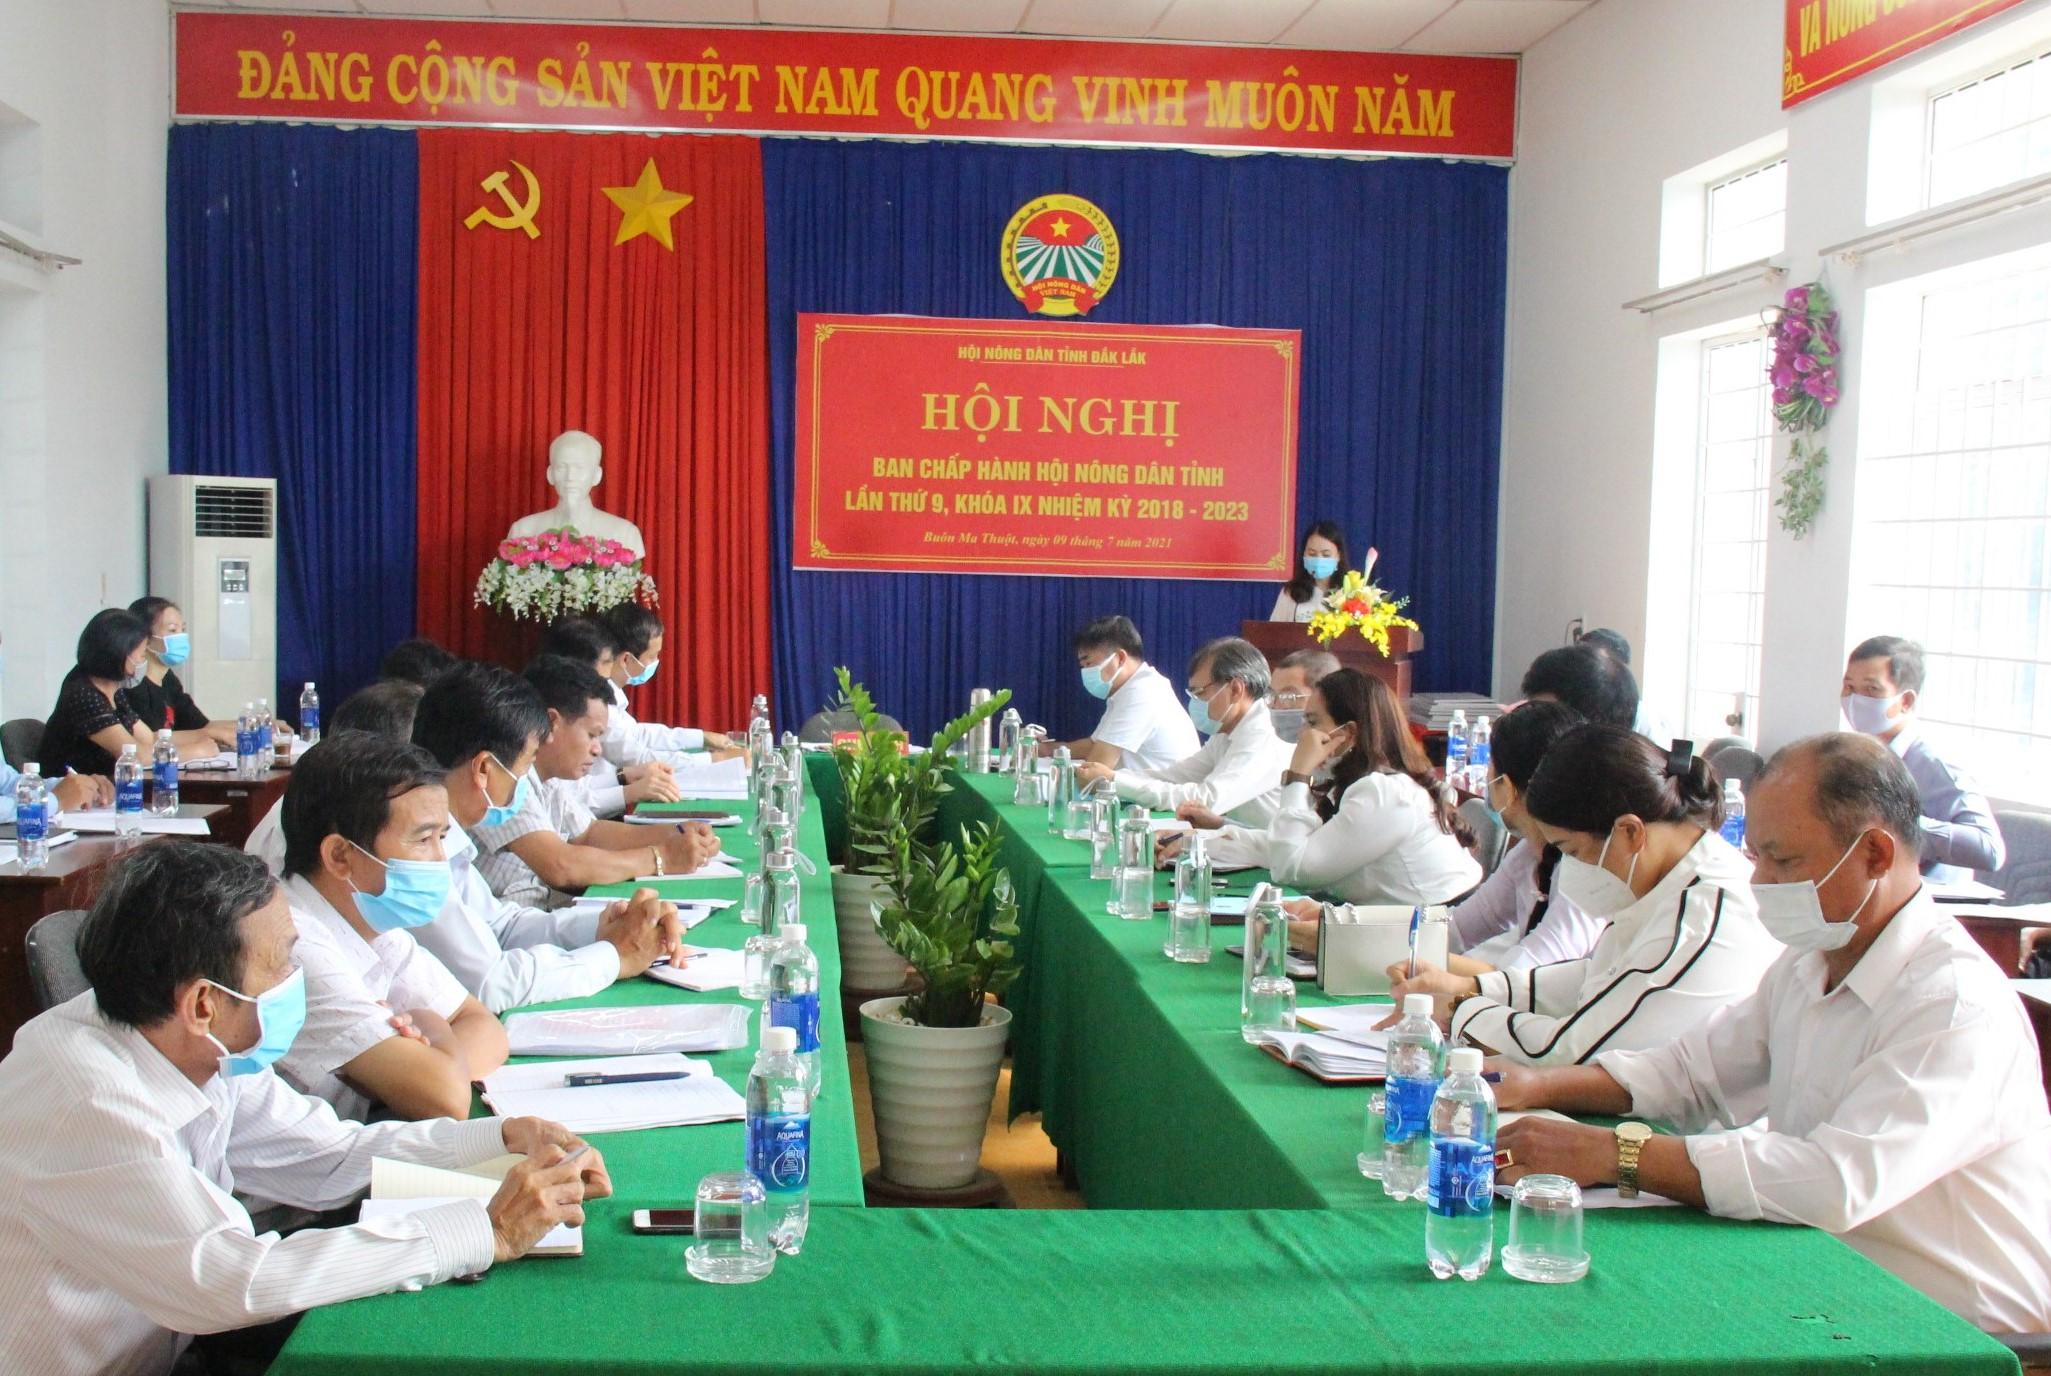 Hội nghị Ban Chấp hành Hội Nông dân tỉnh Đắk Lắk lần thứ 9, khóa IX, nhiệm kỳ 2018-2023